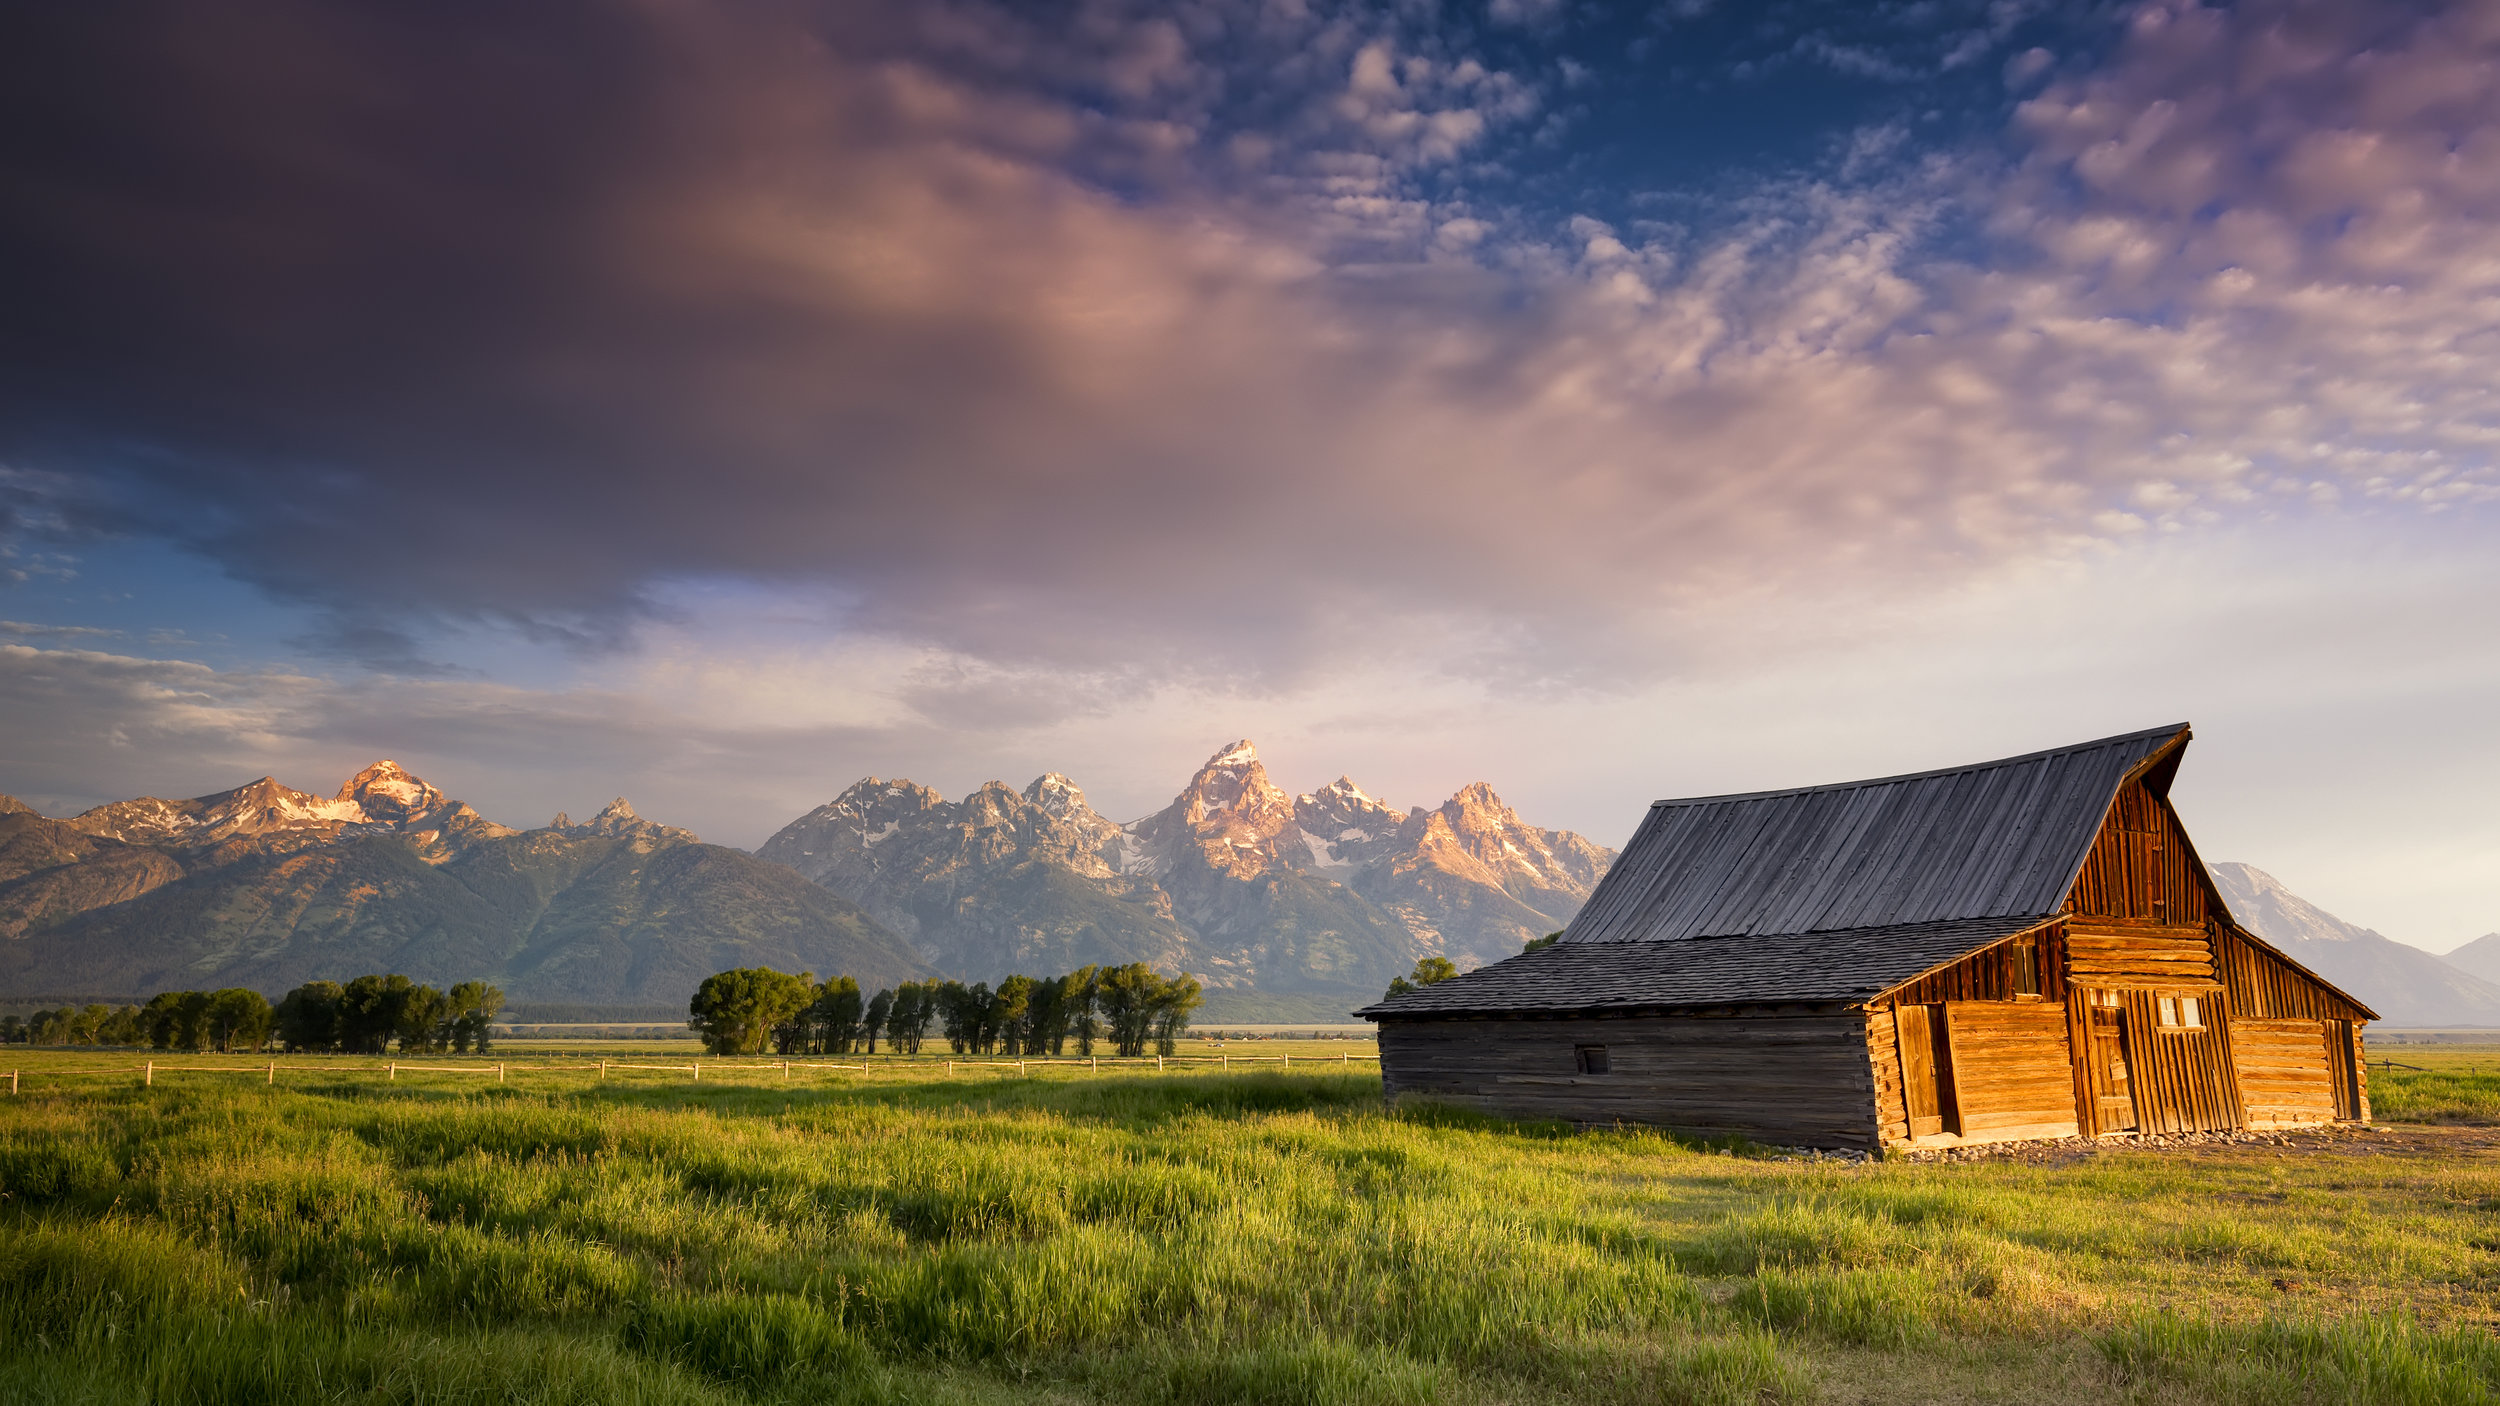 Photo by Dean Fikar/Shutterstock